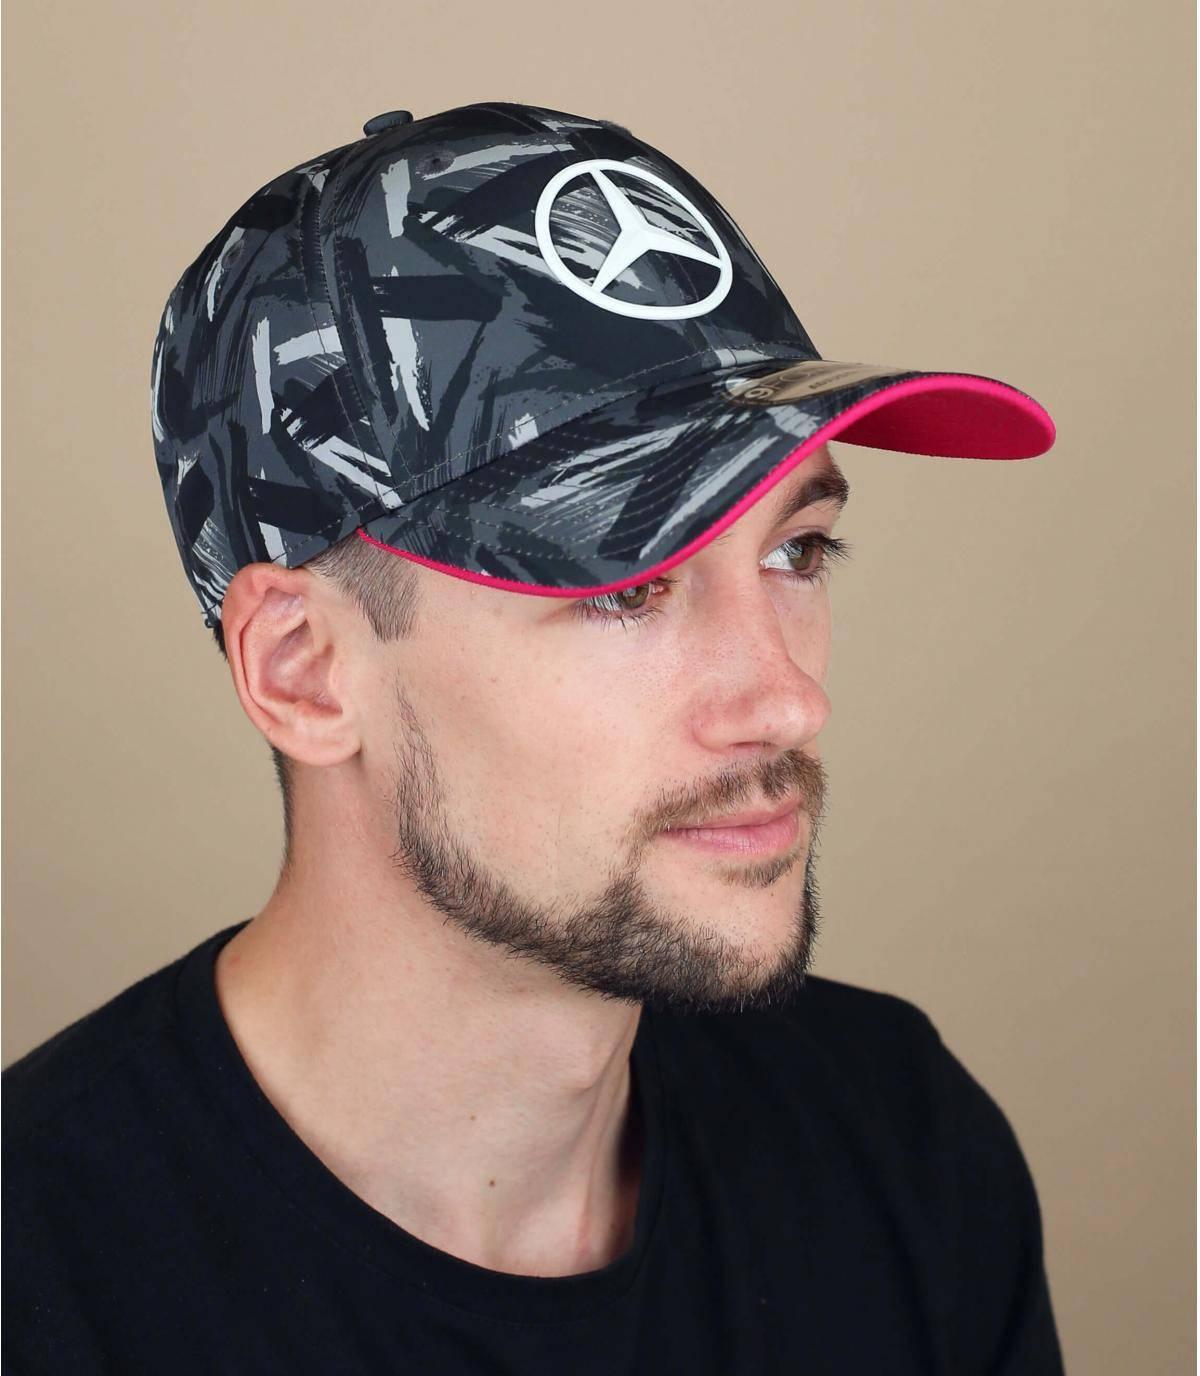 cappellino Mercedes stampato